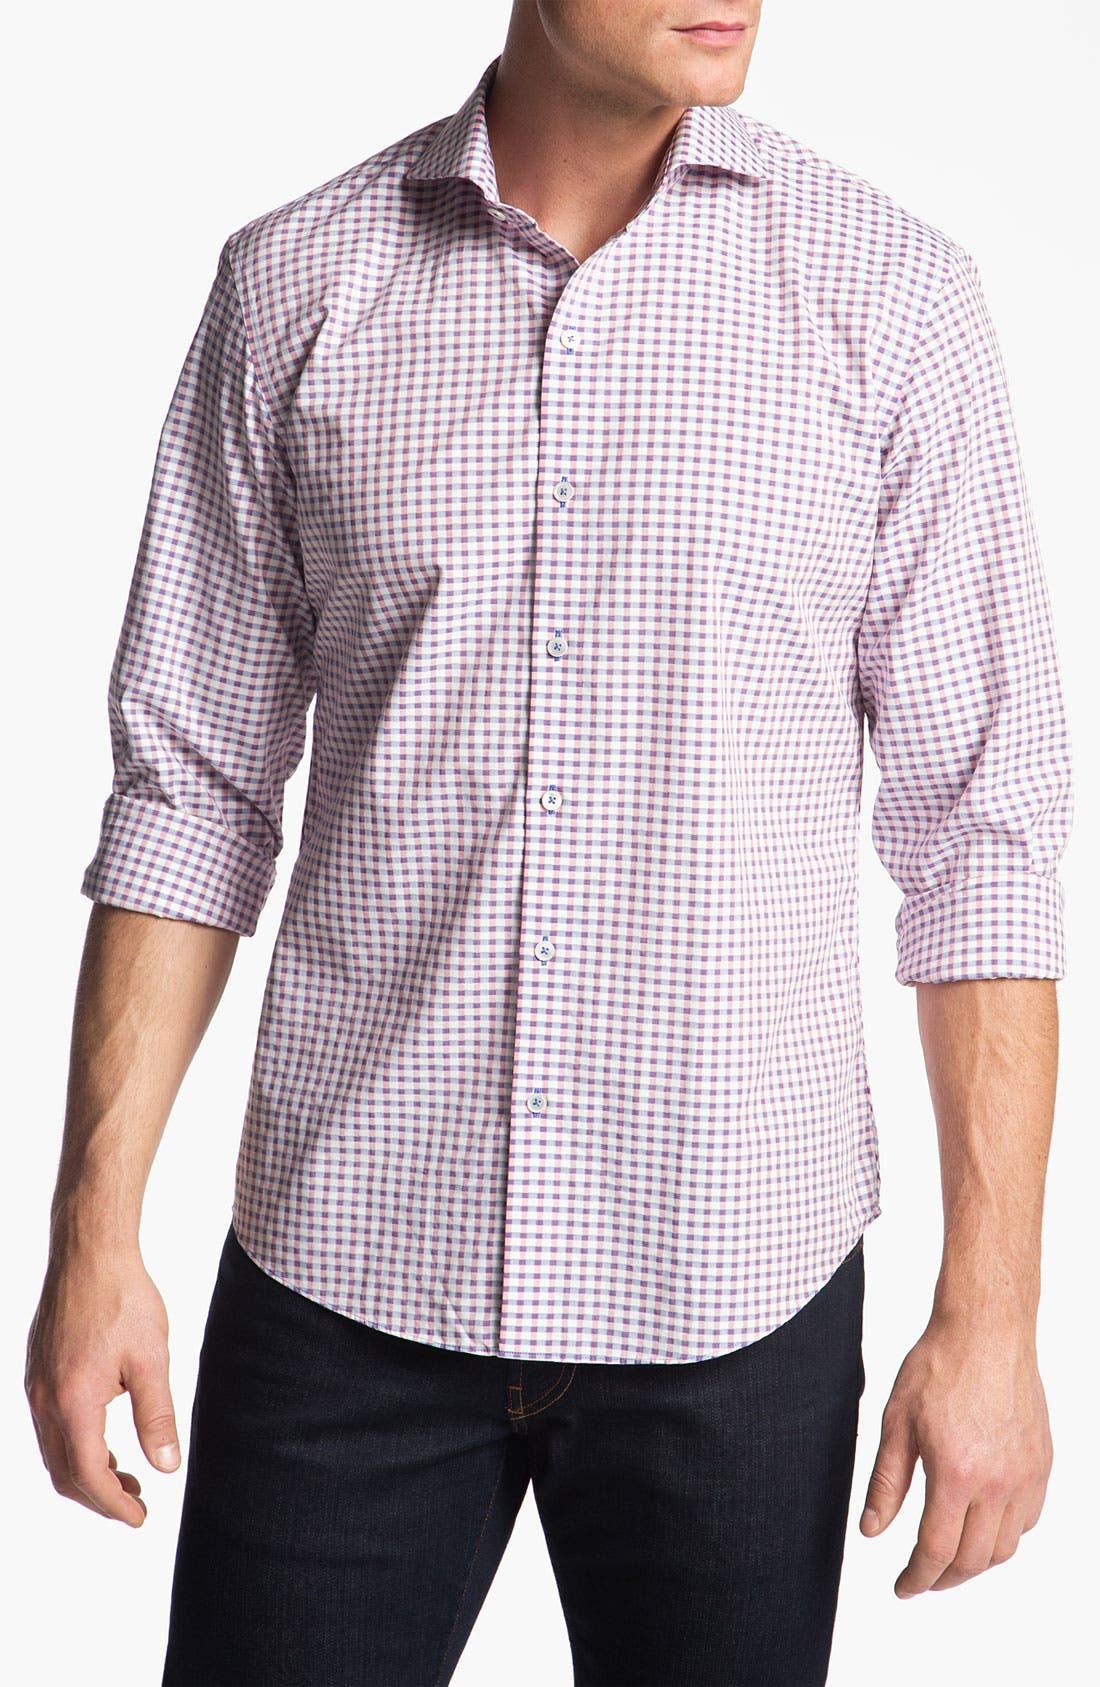 Alternate Image 1 Selected - Zachary Prell 'Francesco' Sport Shirt